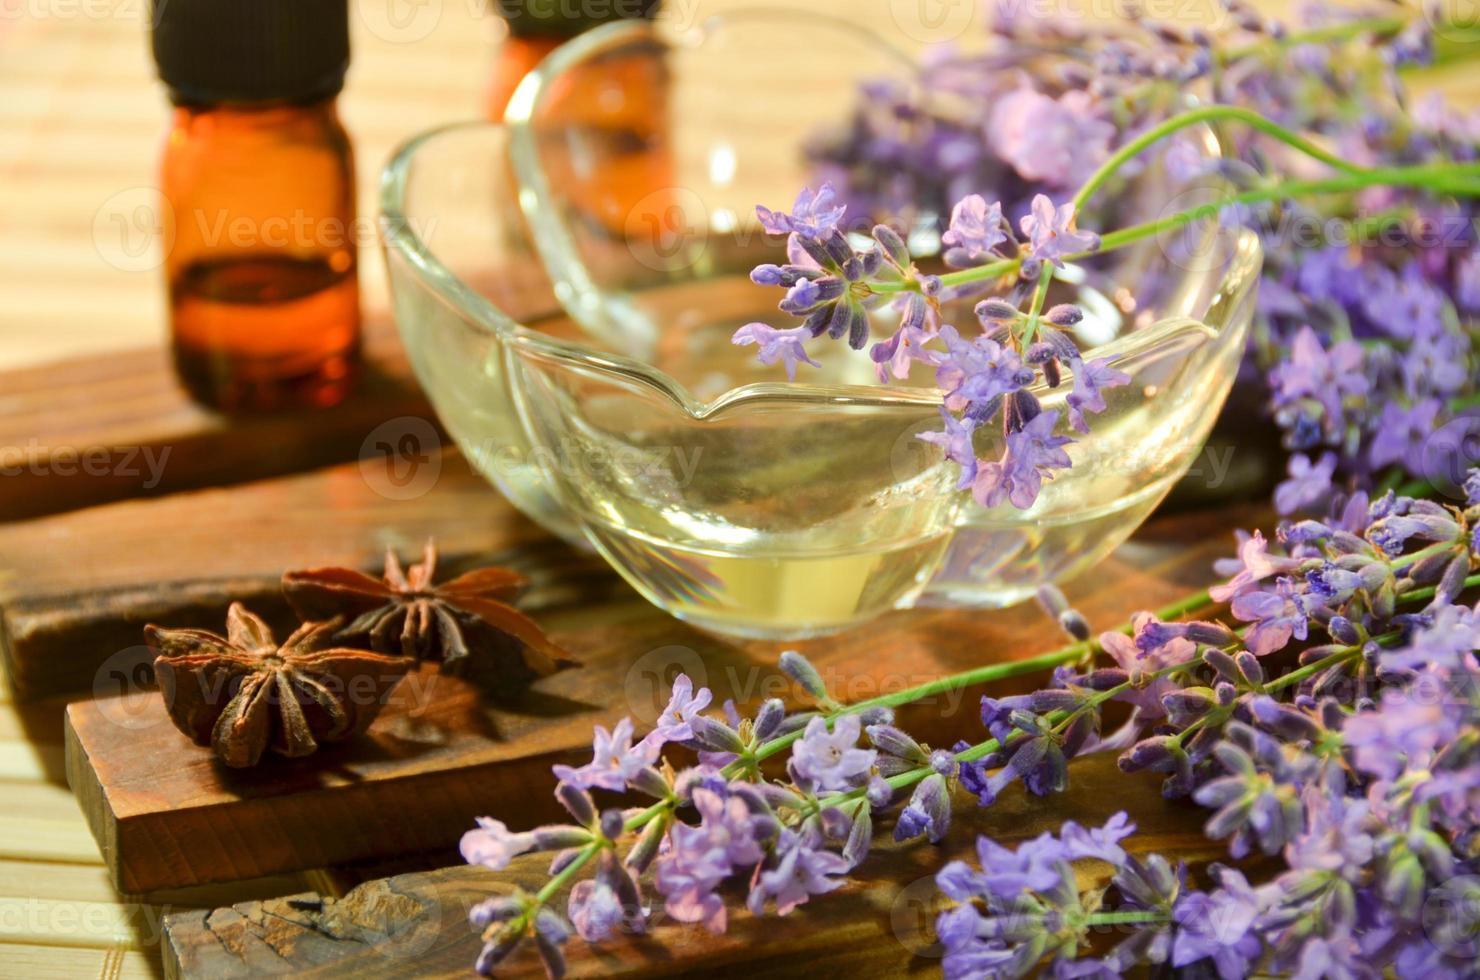 tratamento de aromaterapia com lavanda foto